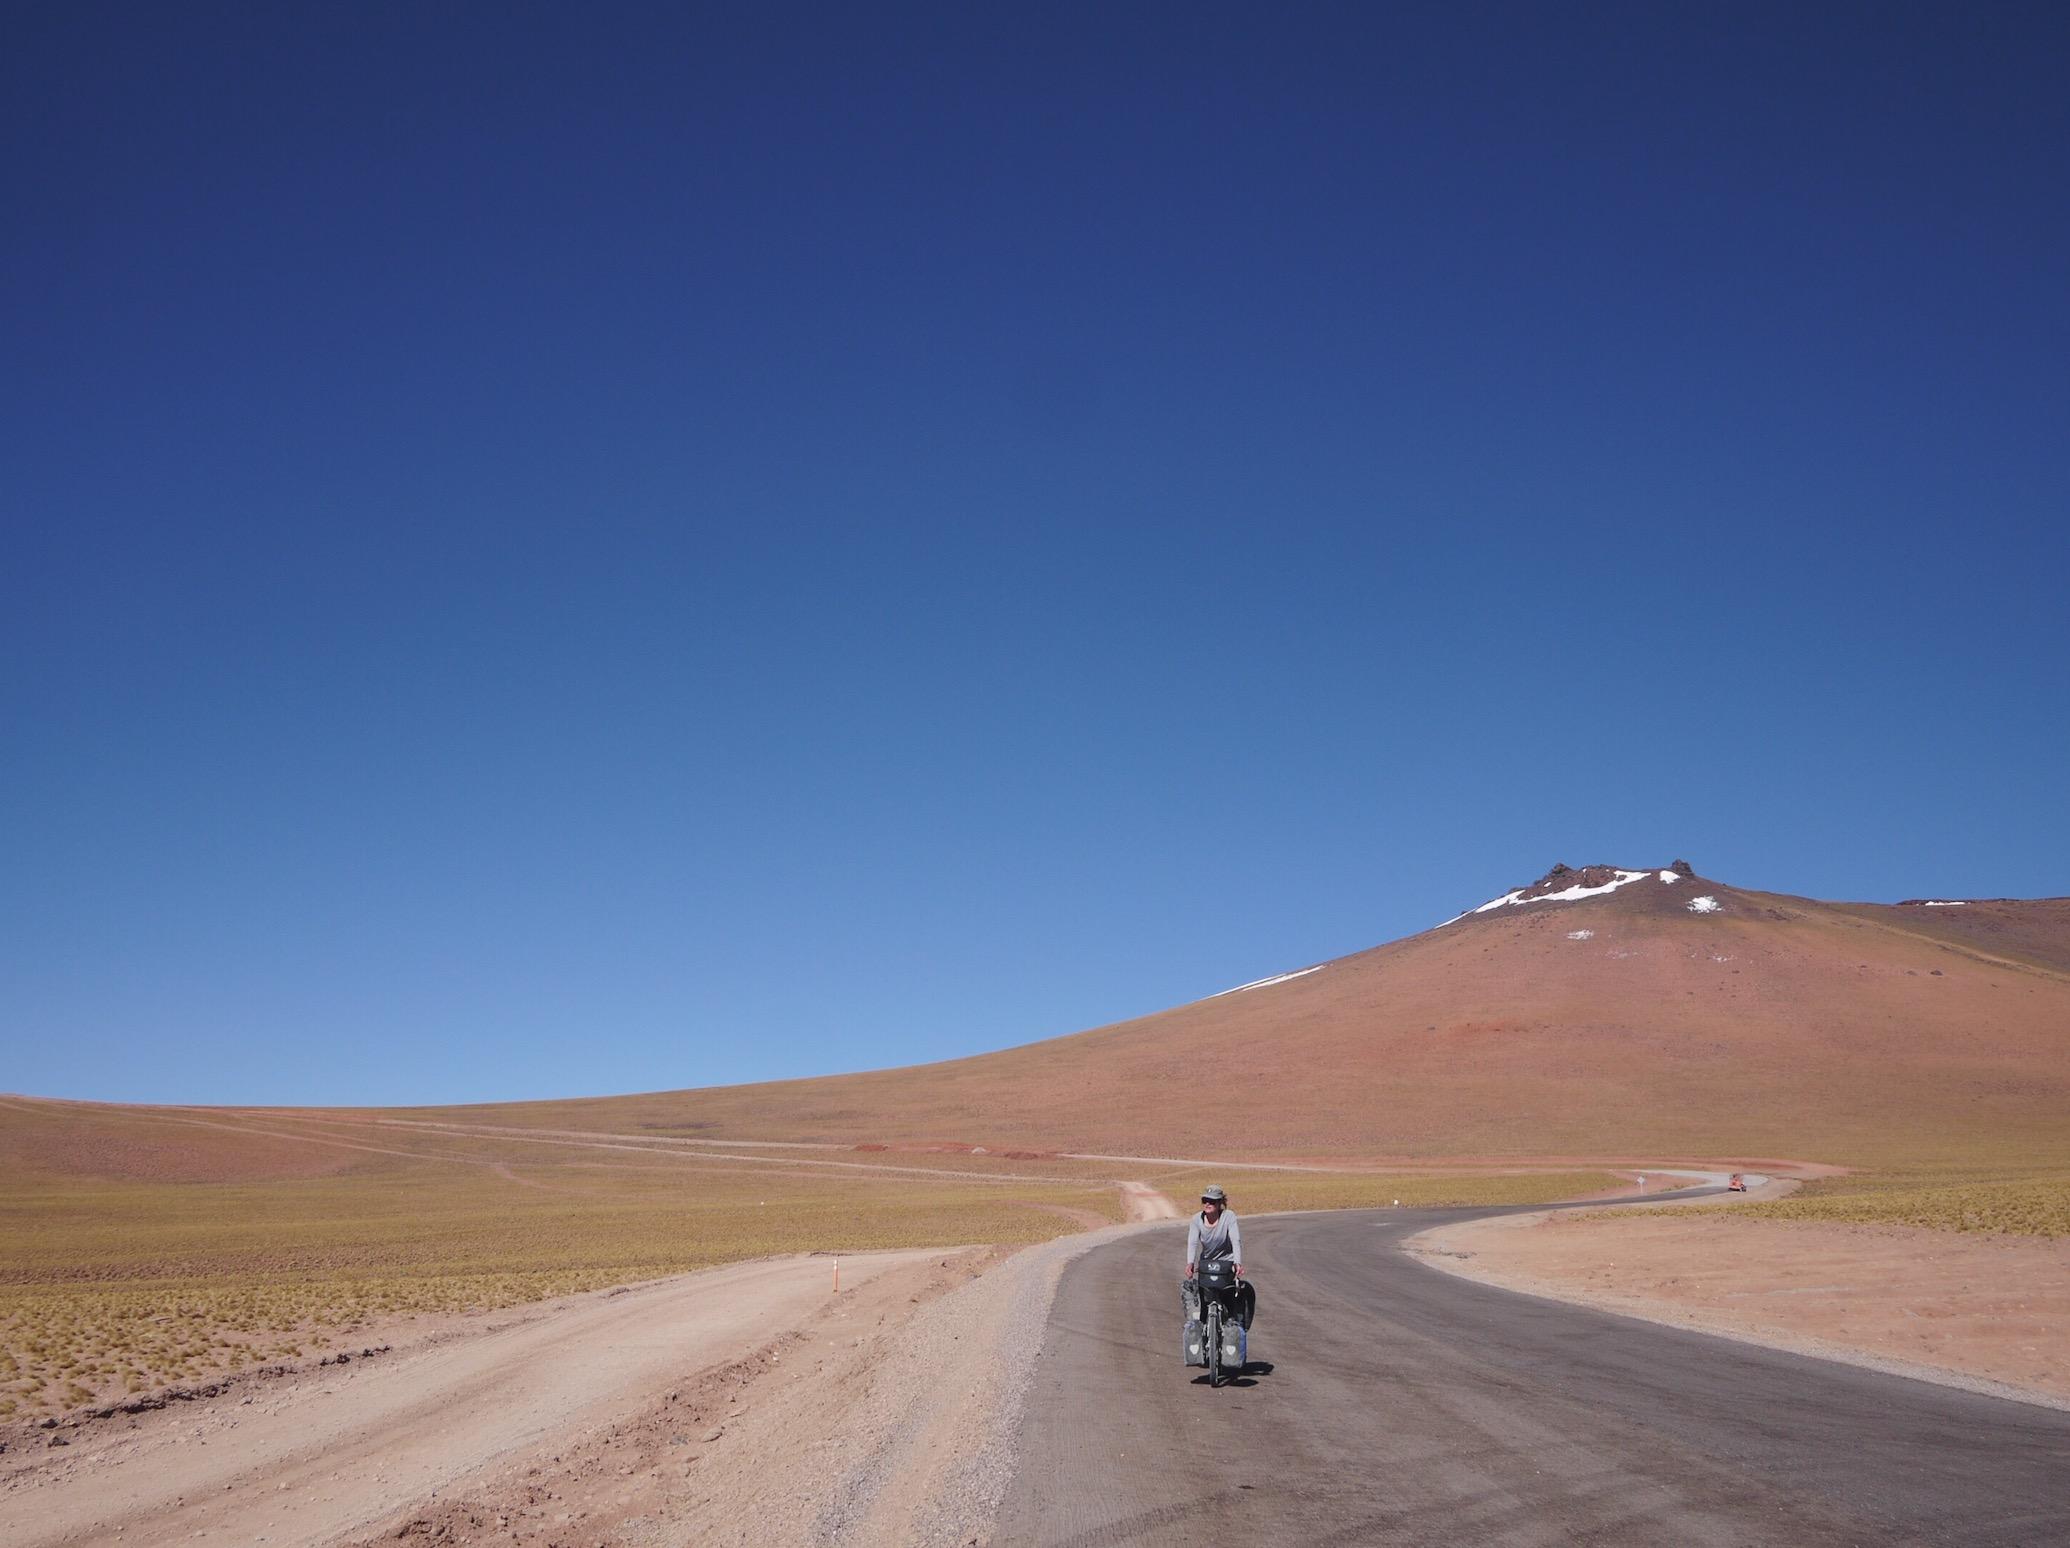 Chile/Argentina border. Paso de Sico.